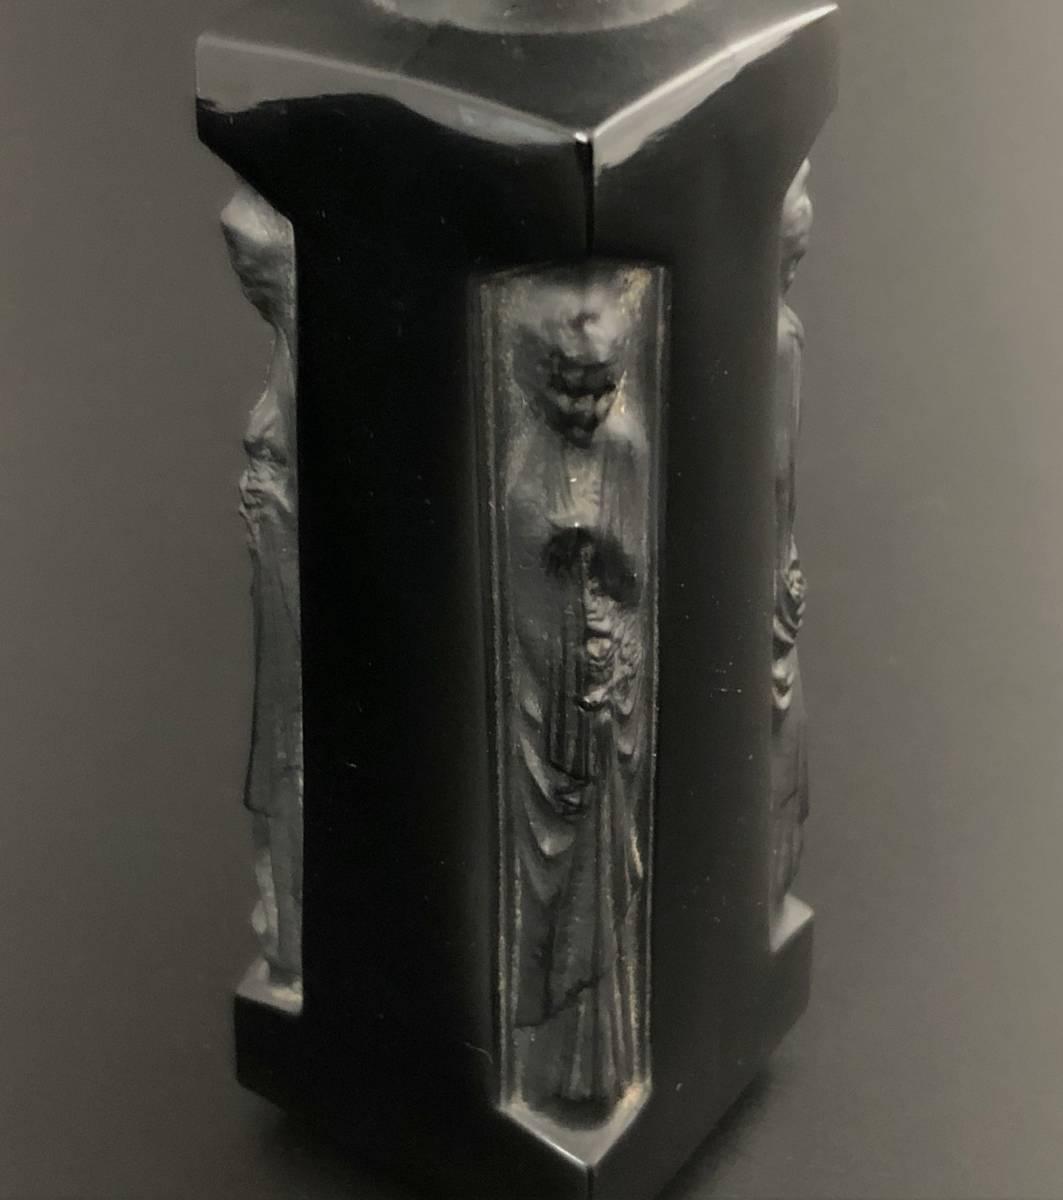 【値下げ可】/ルネ・ラリック/AMBRE D'ORSAY/黒/アンブル・ドルセー/高さ13cm/香水瓶/Lalique/フランス有名ブランド/ガラス工芸/送料無料_画像8